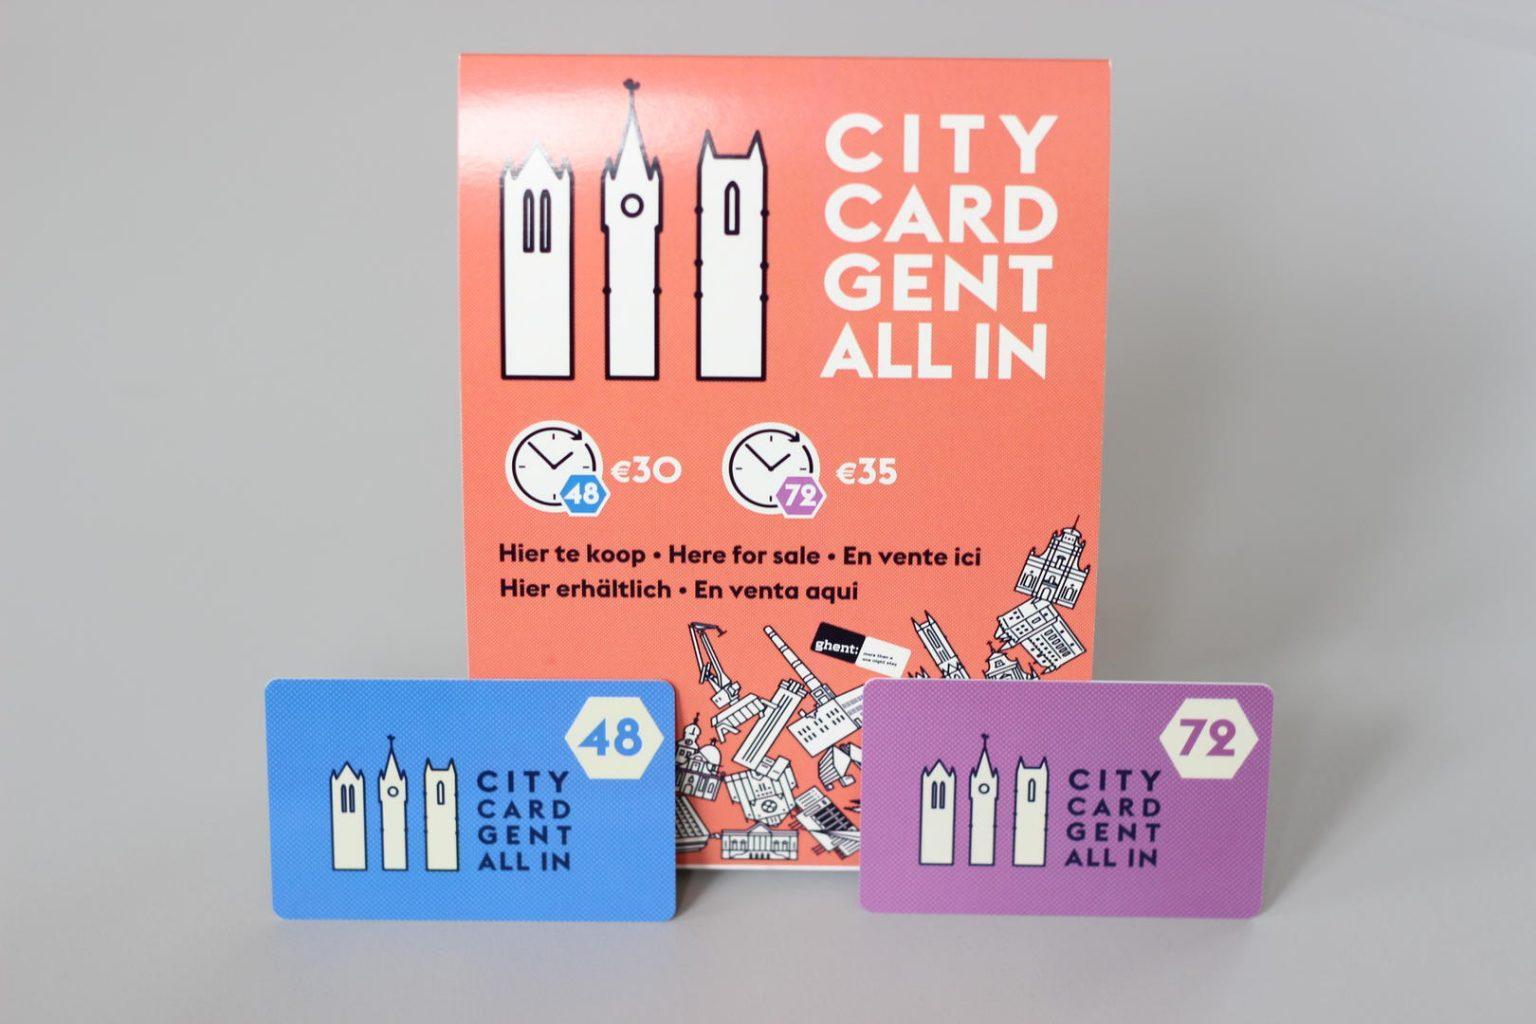 CityCards de 48 y 72 horas. CityCard Gent, la tarjeta turística para visitar Gante